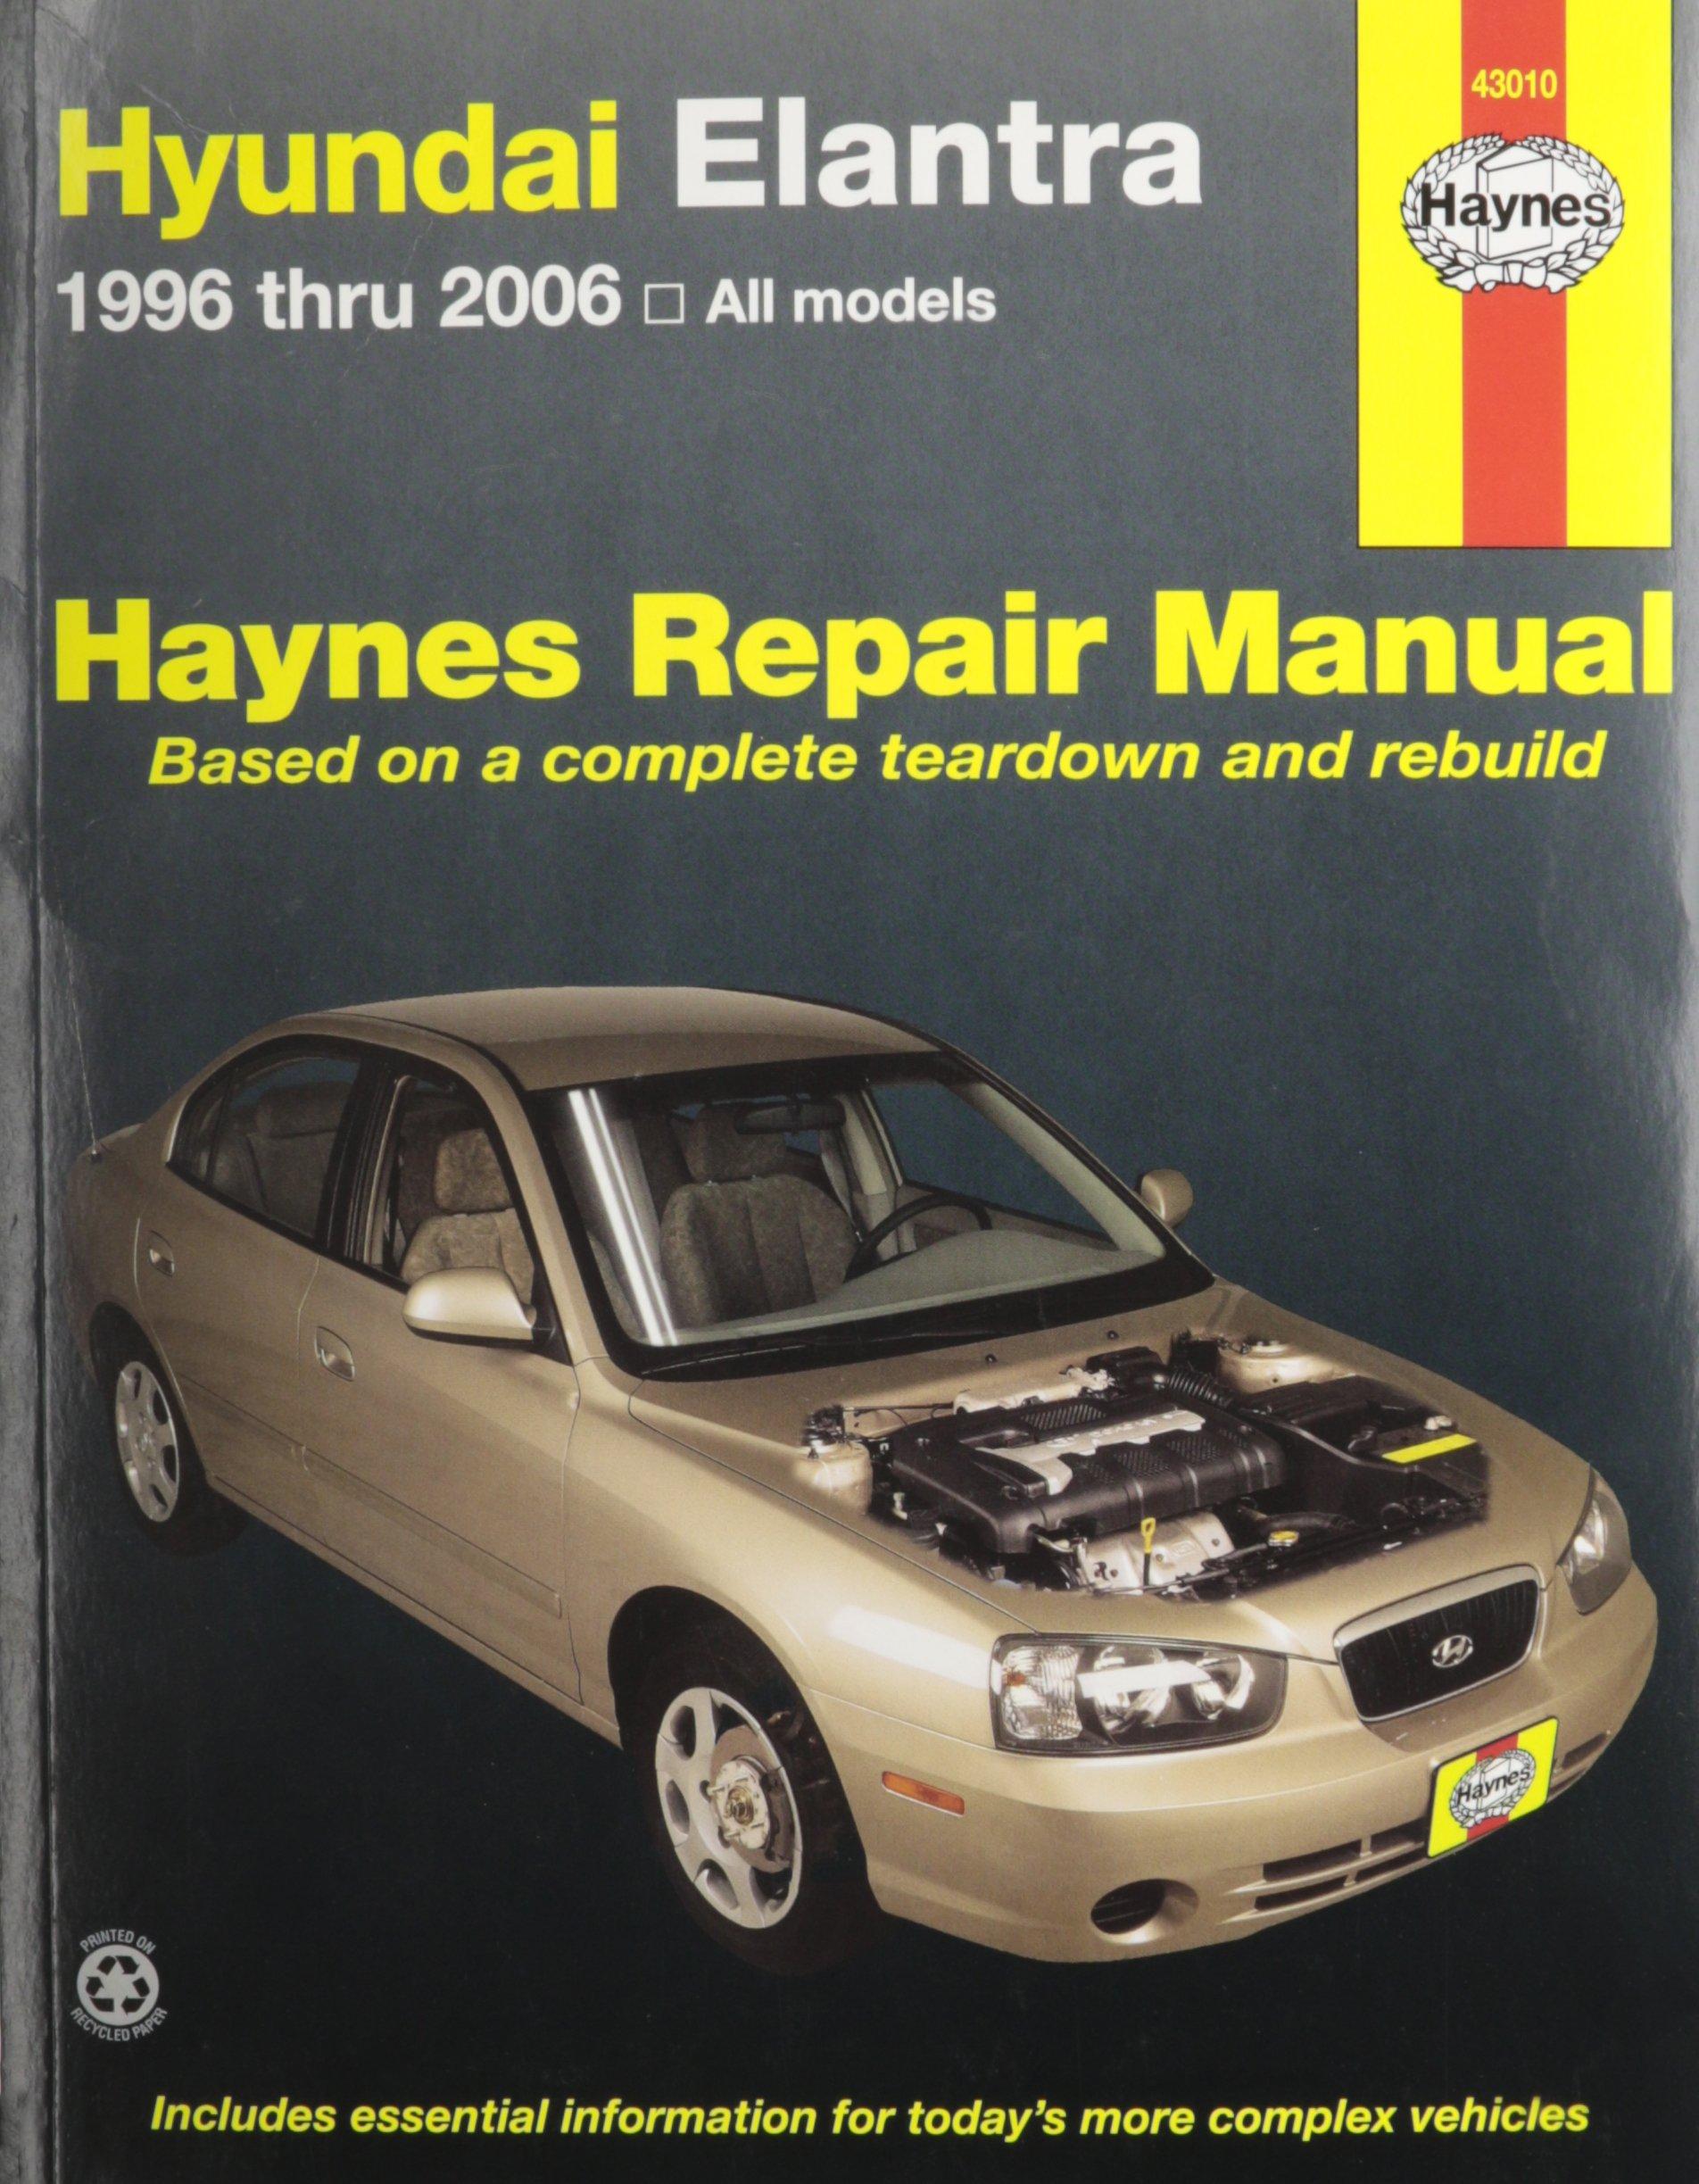 Haynes Hyundai Elantra 96 10 Repair Manual 0038345430107 99 Wiring Diagram Books